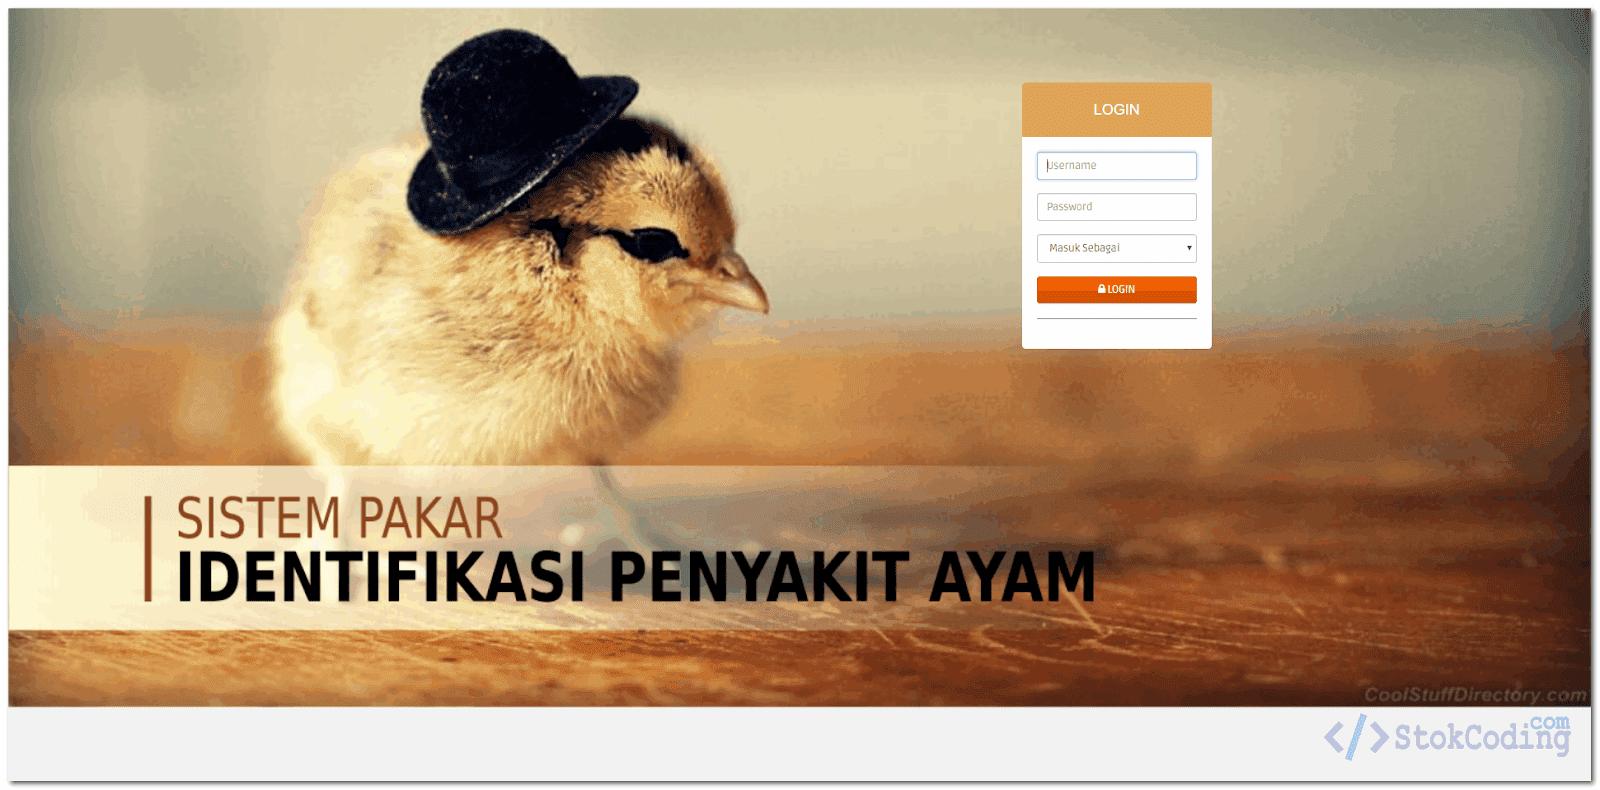 Sistem Pakar Penyakit Ayam Berbasis Web (Codeigniter)